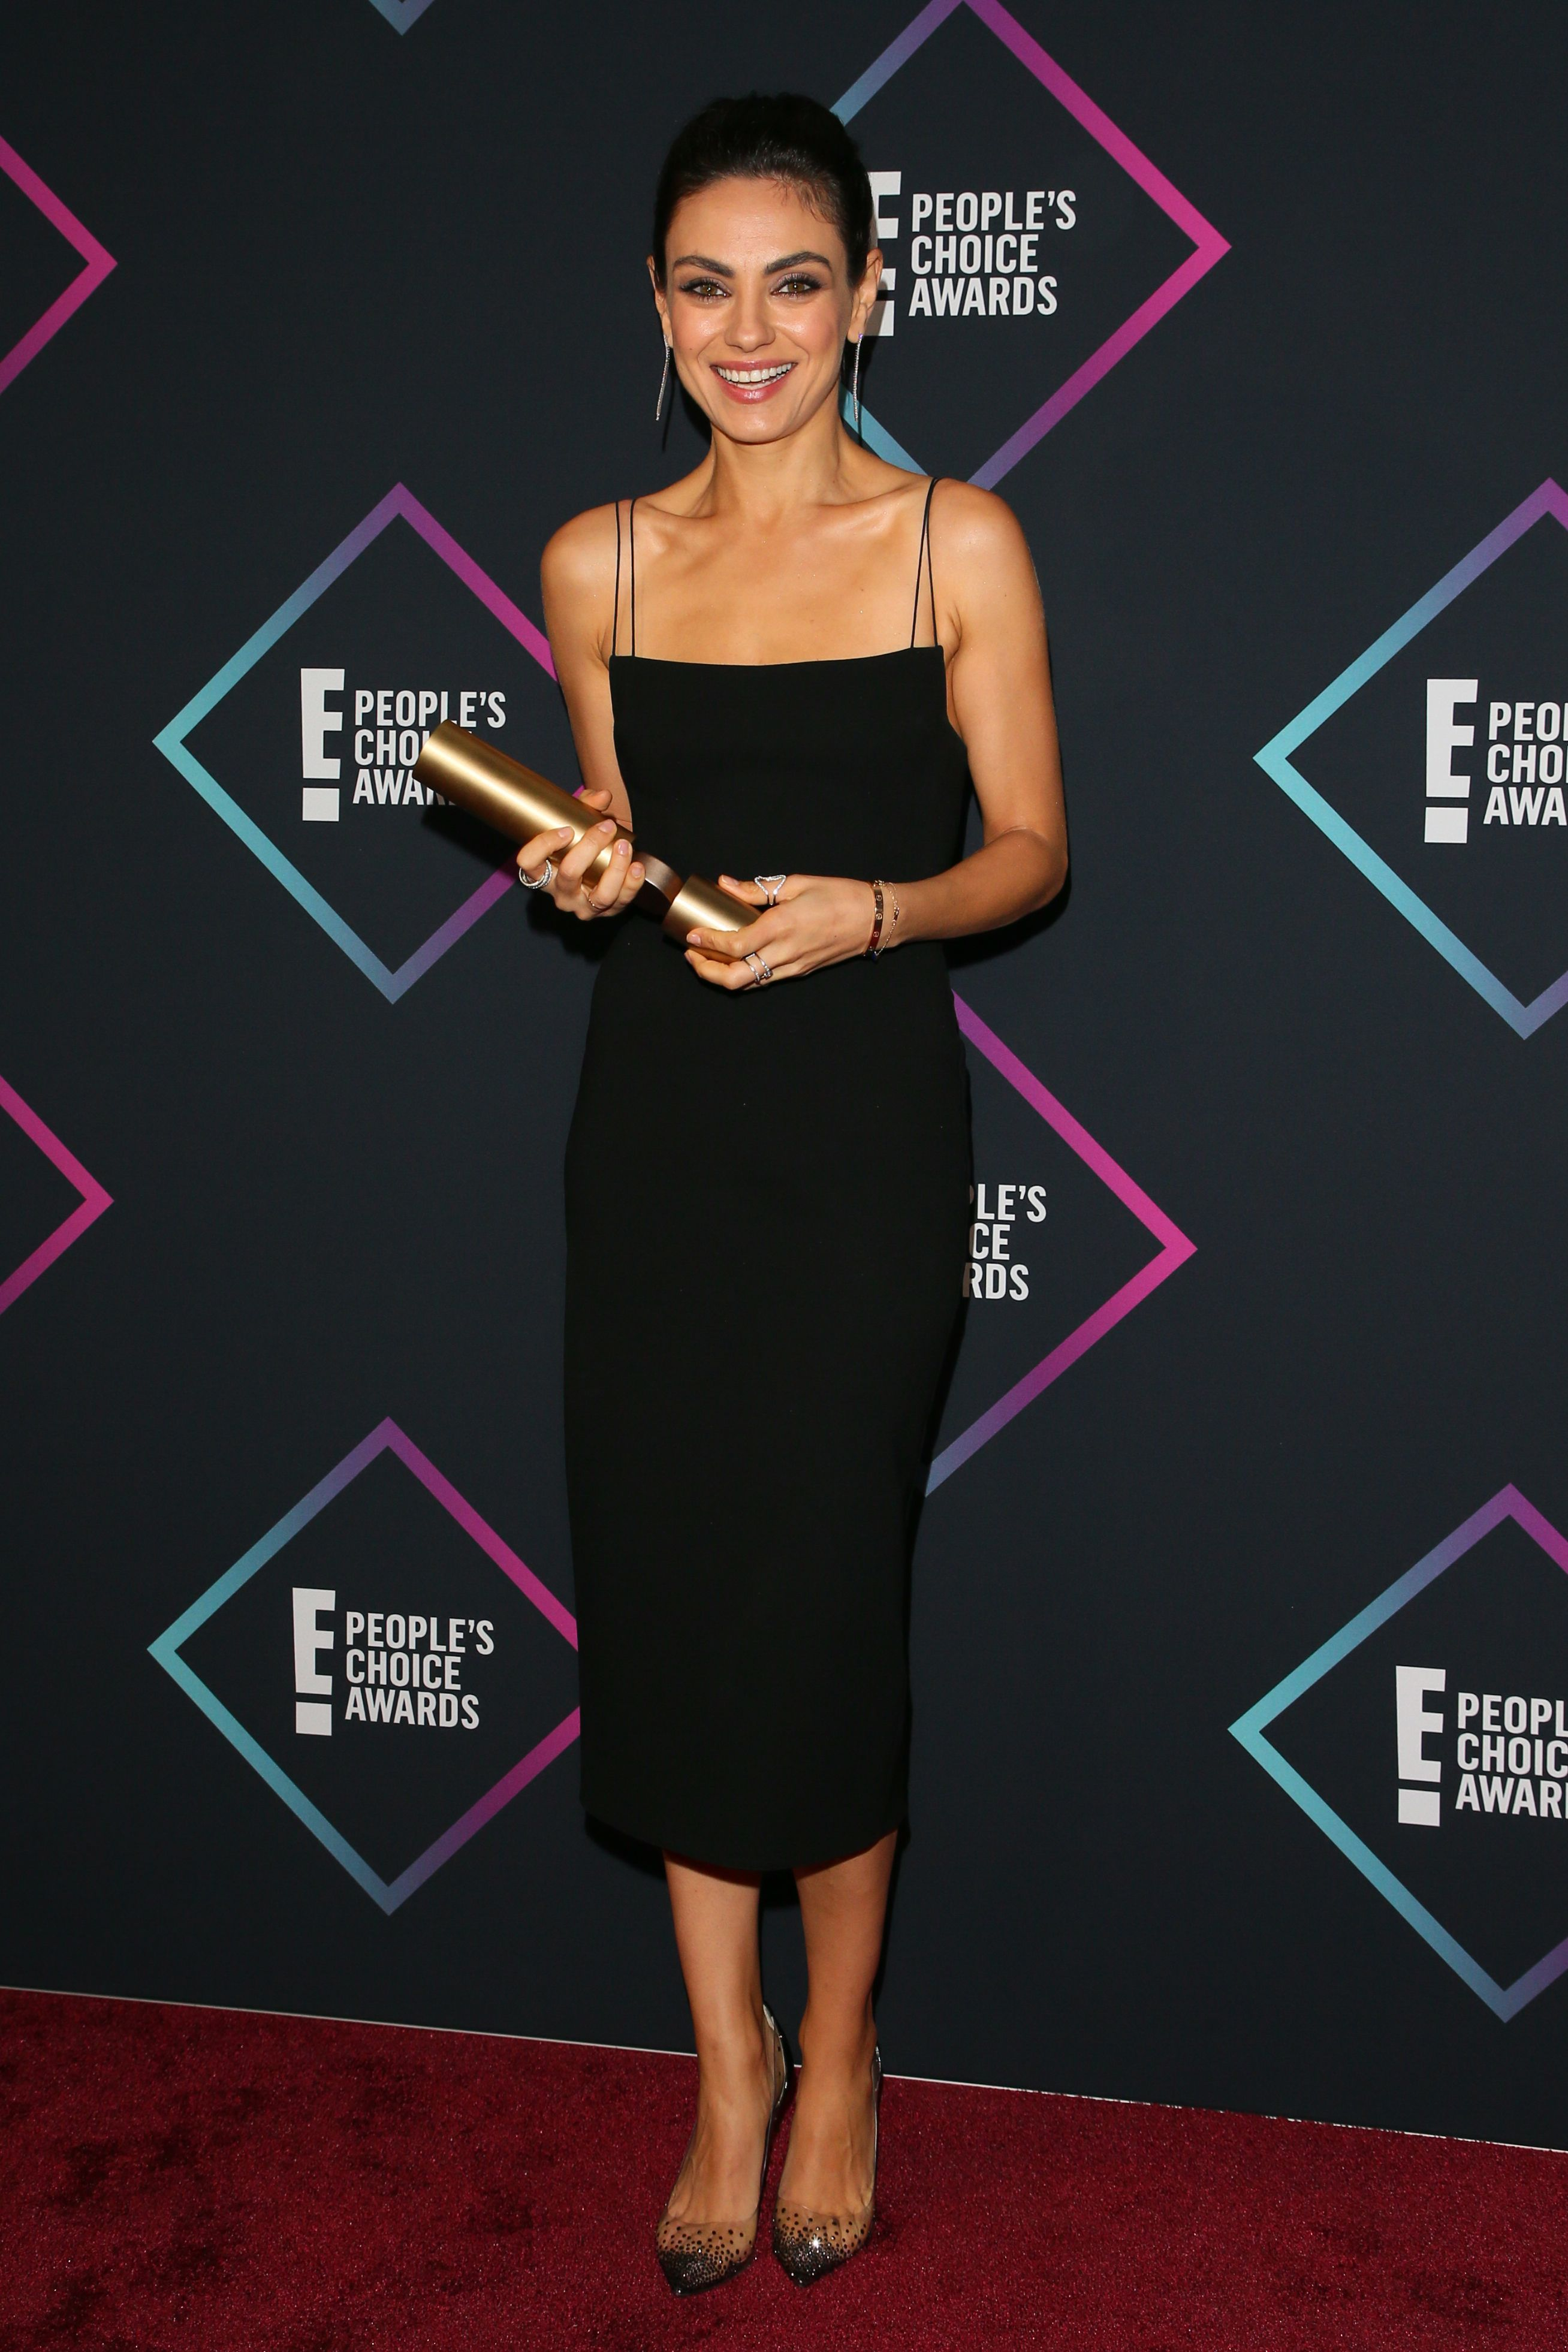 Mila Kunis, People's Choice Awards 2018